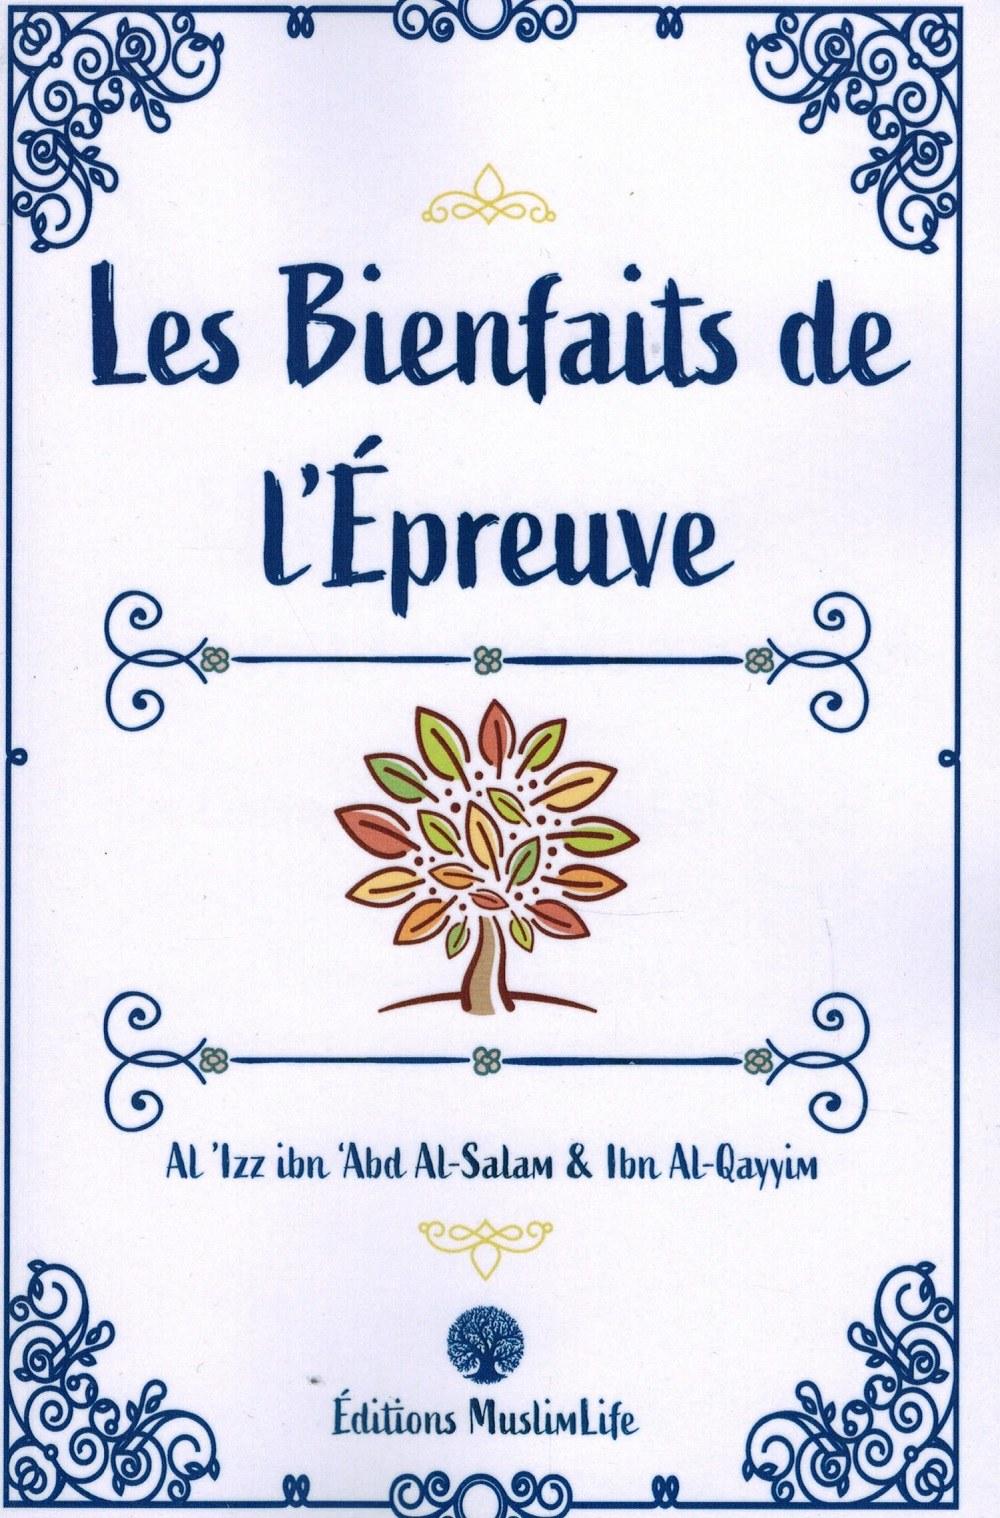 5e613440eca52_bienfaits-epreuve-Al-Izz-et-ibn-Al-Qayyim